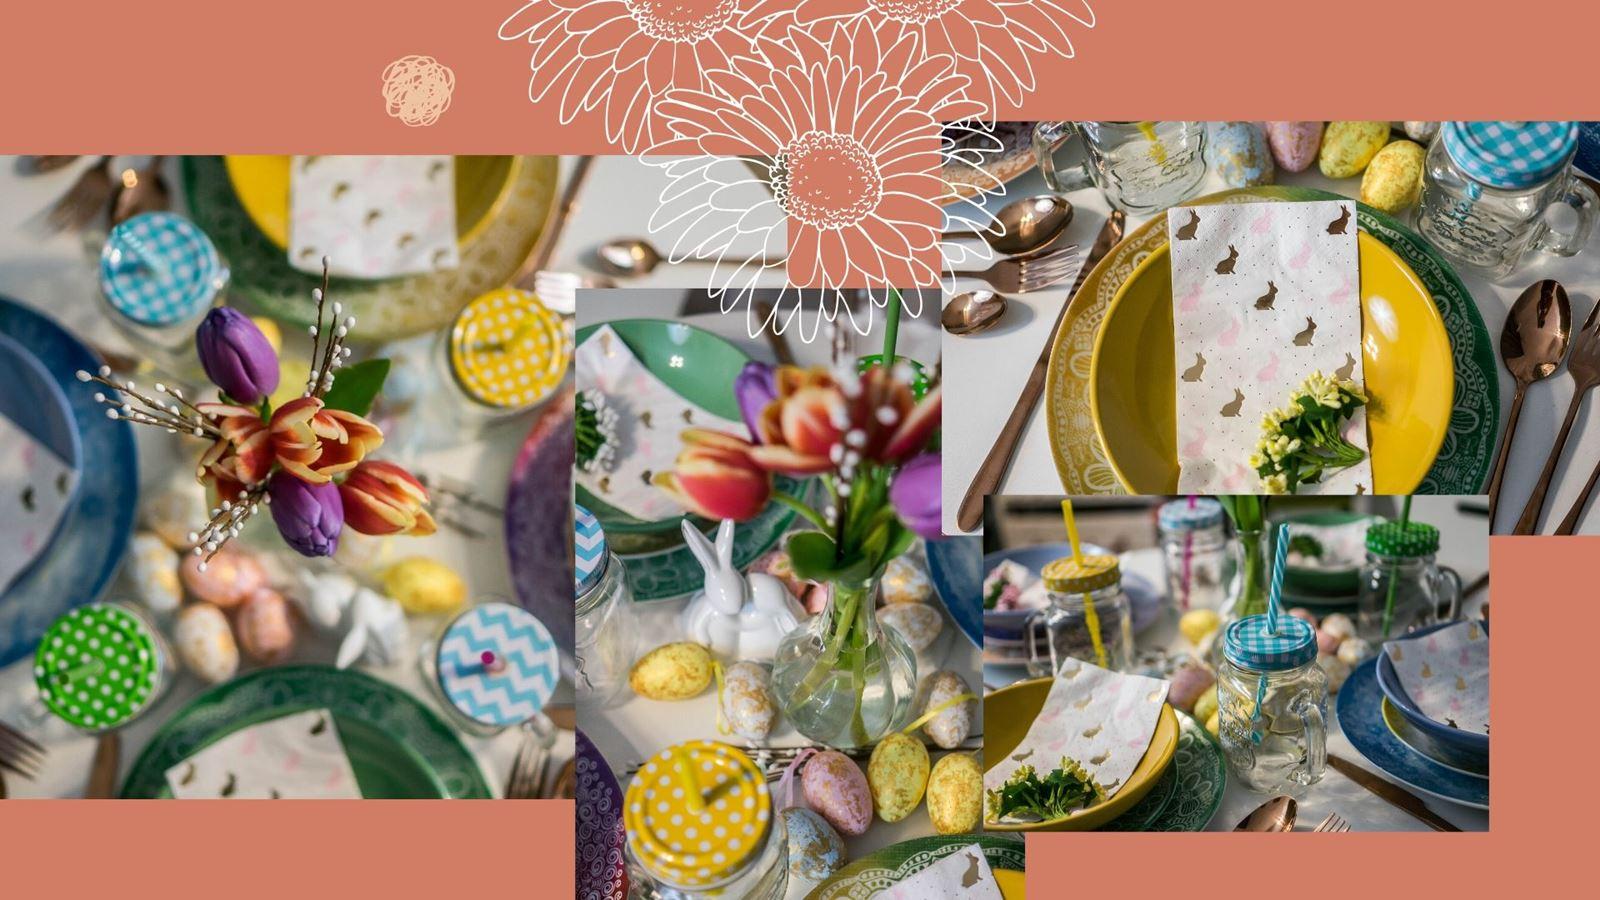 16 pomysły na wiosenne aranżacje wnętrz jak zmienić wnętrze na wiosnę w małym mieszkaniu kolorowe dodatki do pokoju salonu kuchni sypialni i jadalni